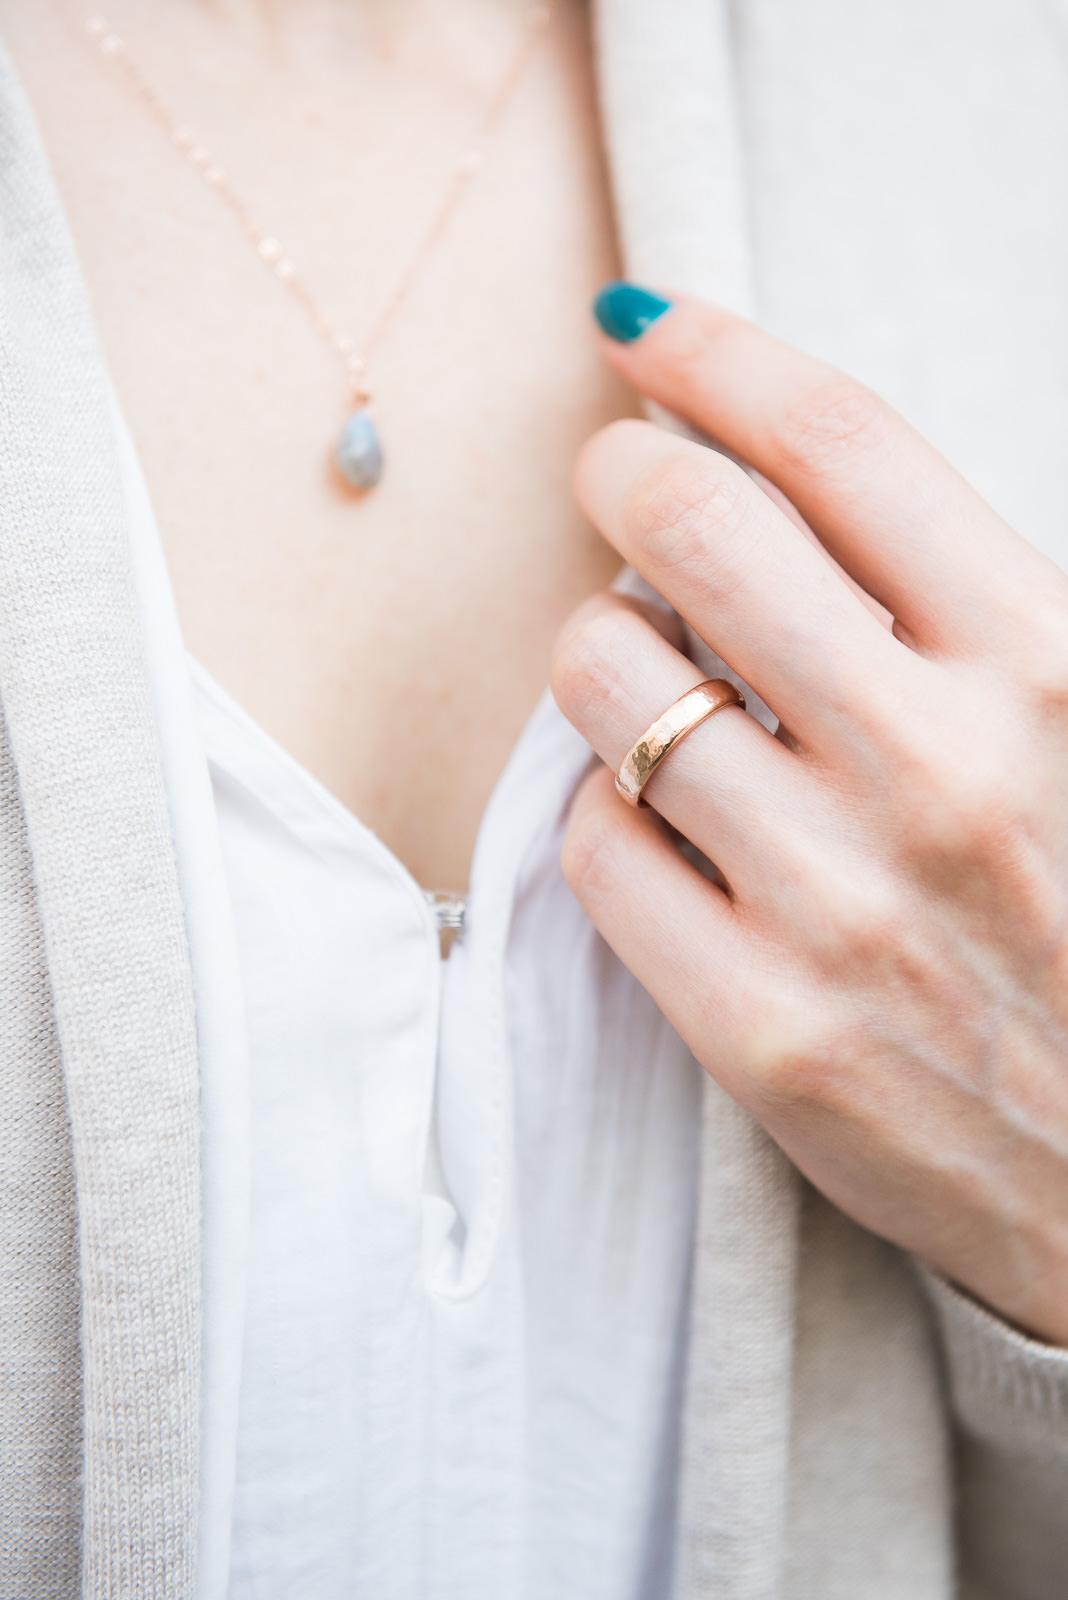 Wedding Engagement Ring Metals 9ct Rose Gold